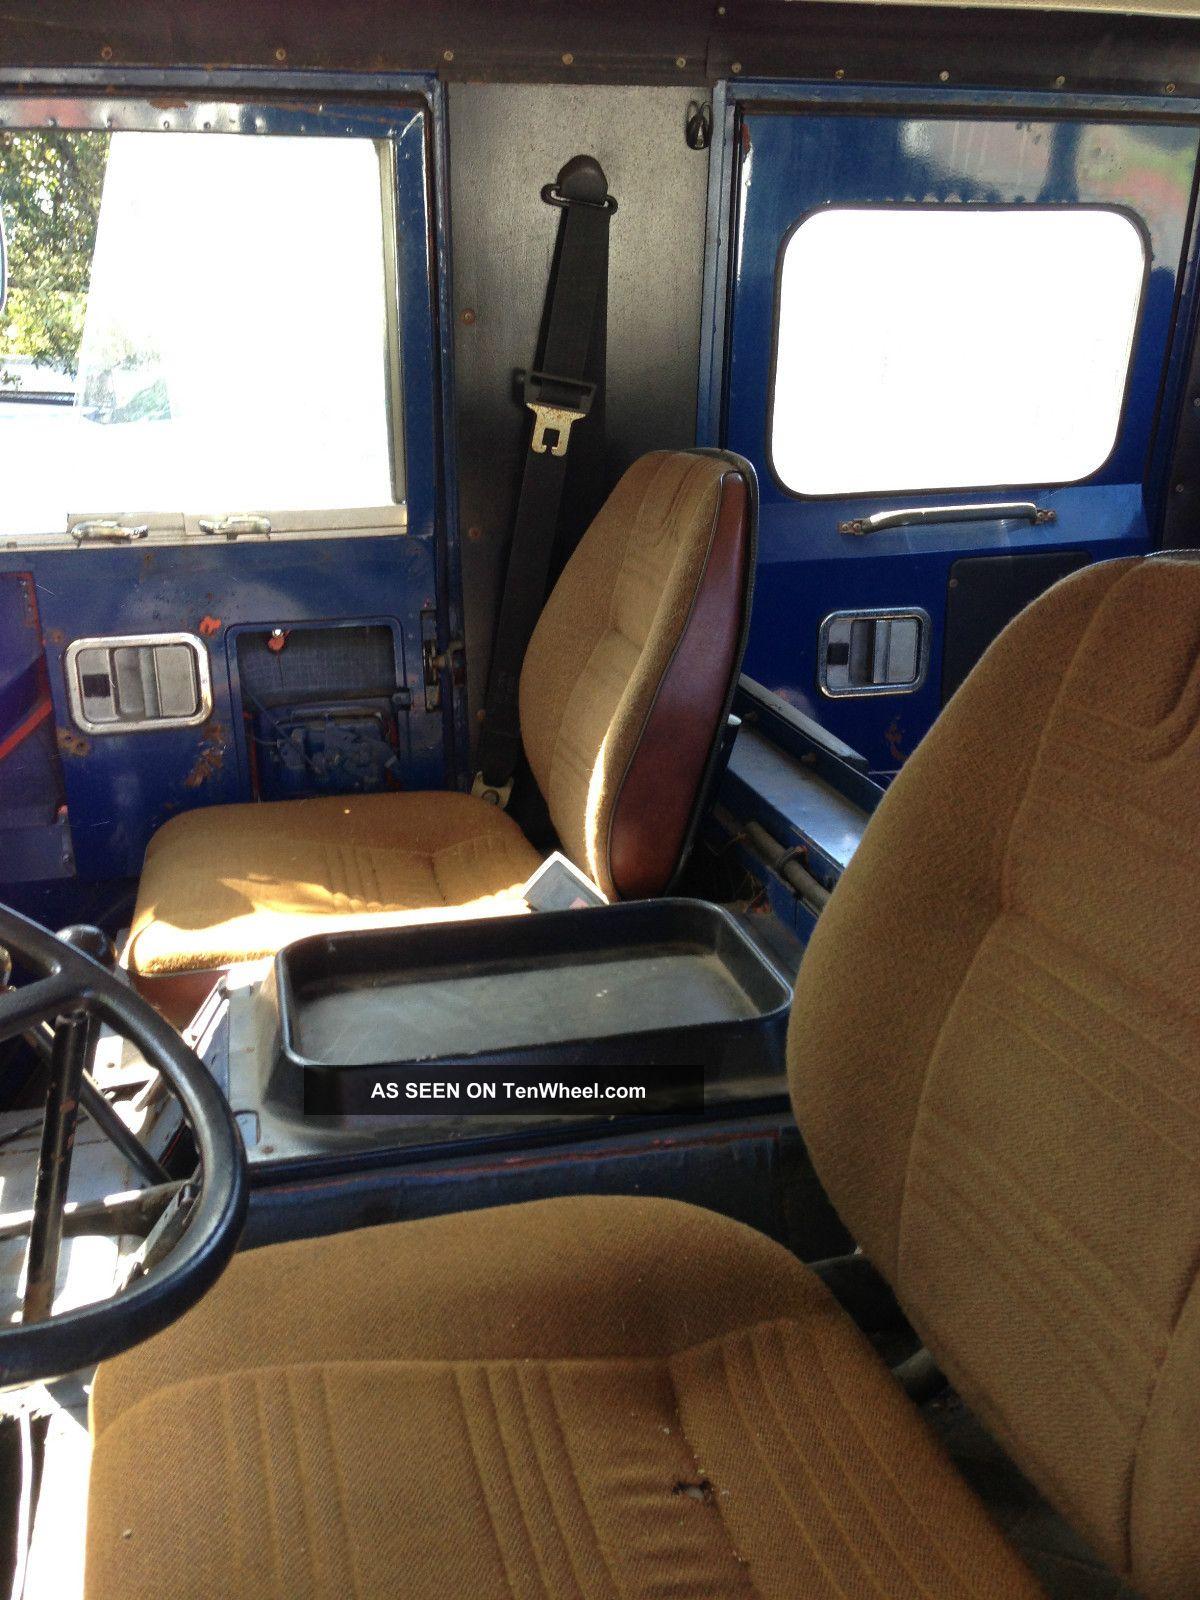 1970 Volvo C 202 Valp Crew Cab 4x4 Truck